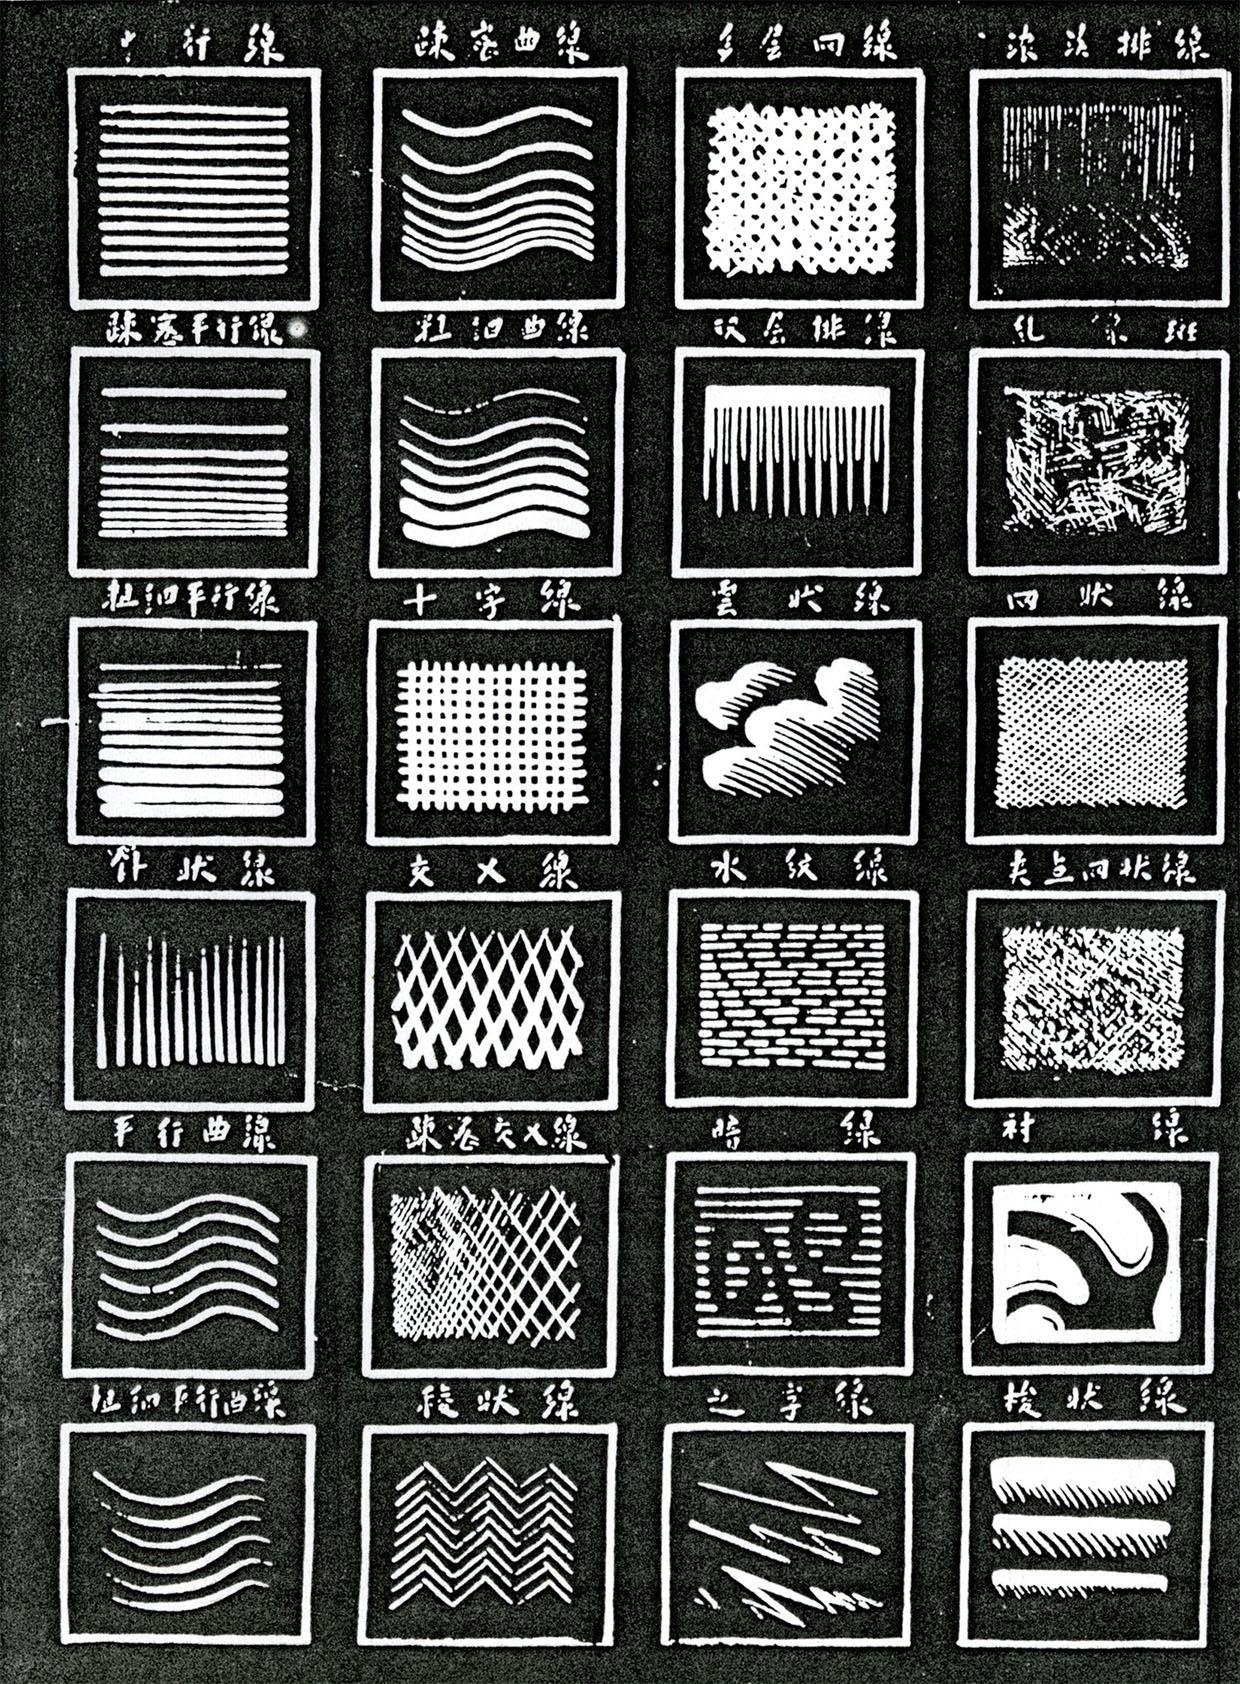 patternsgravure24